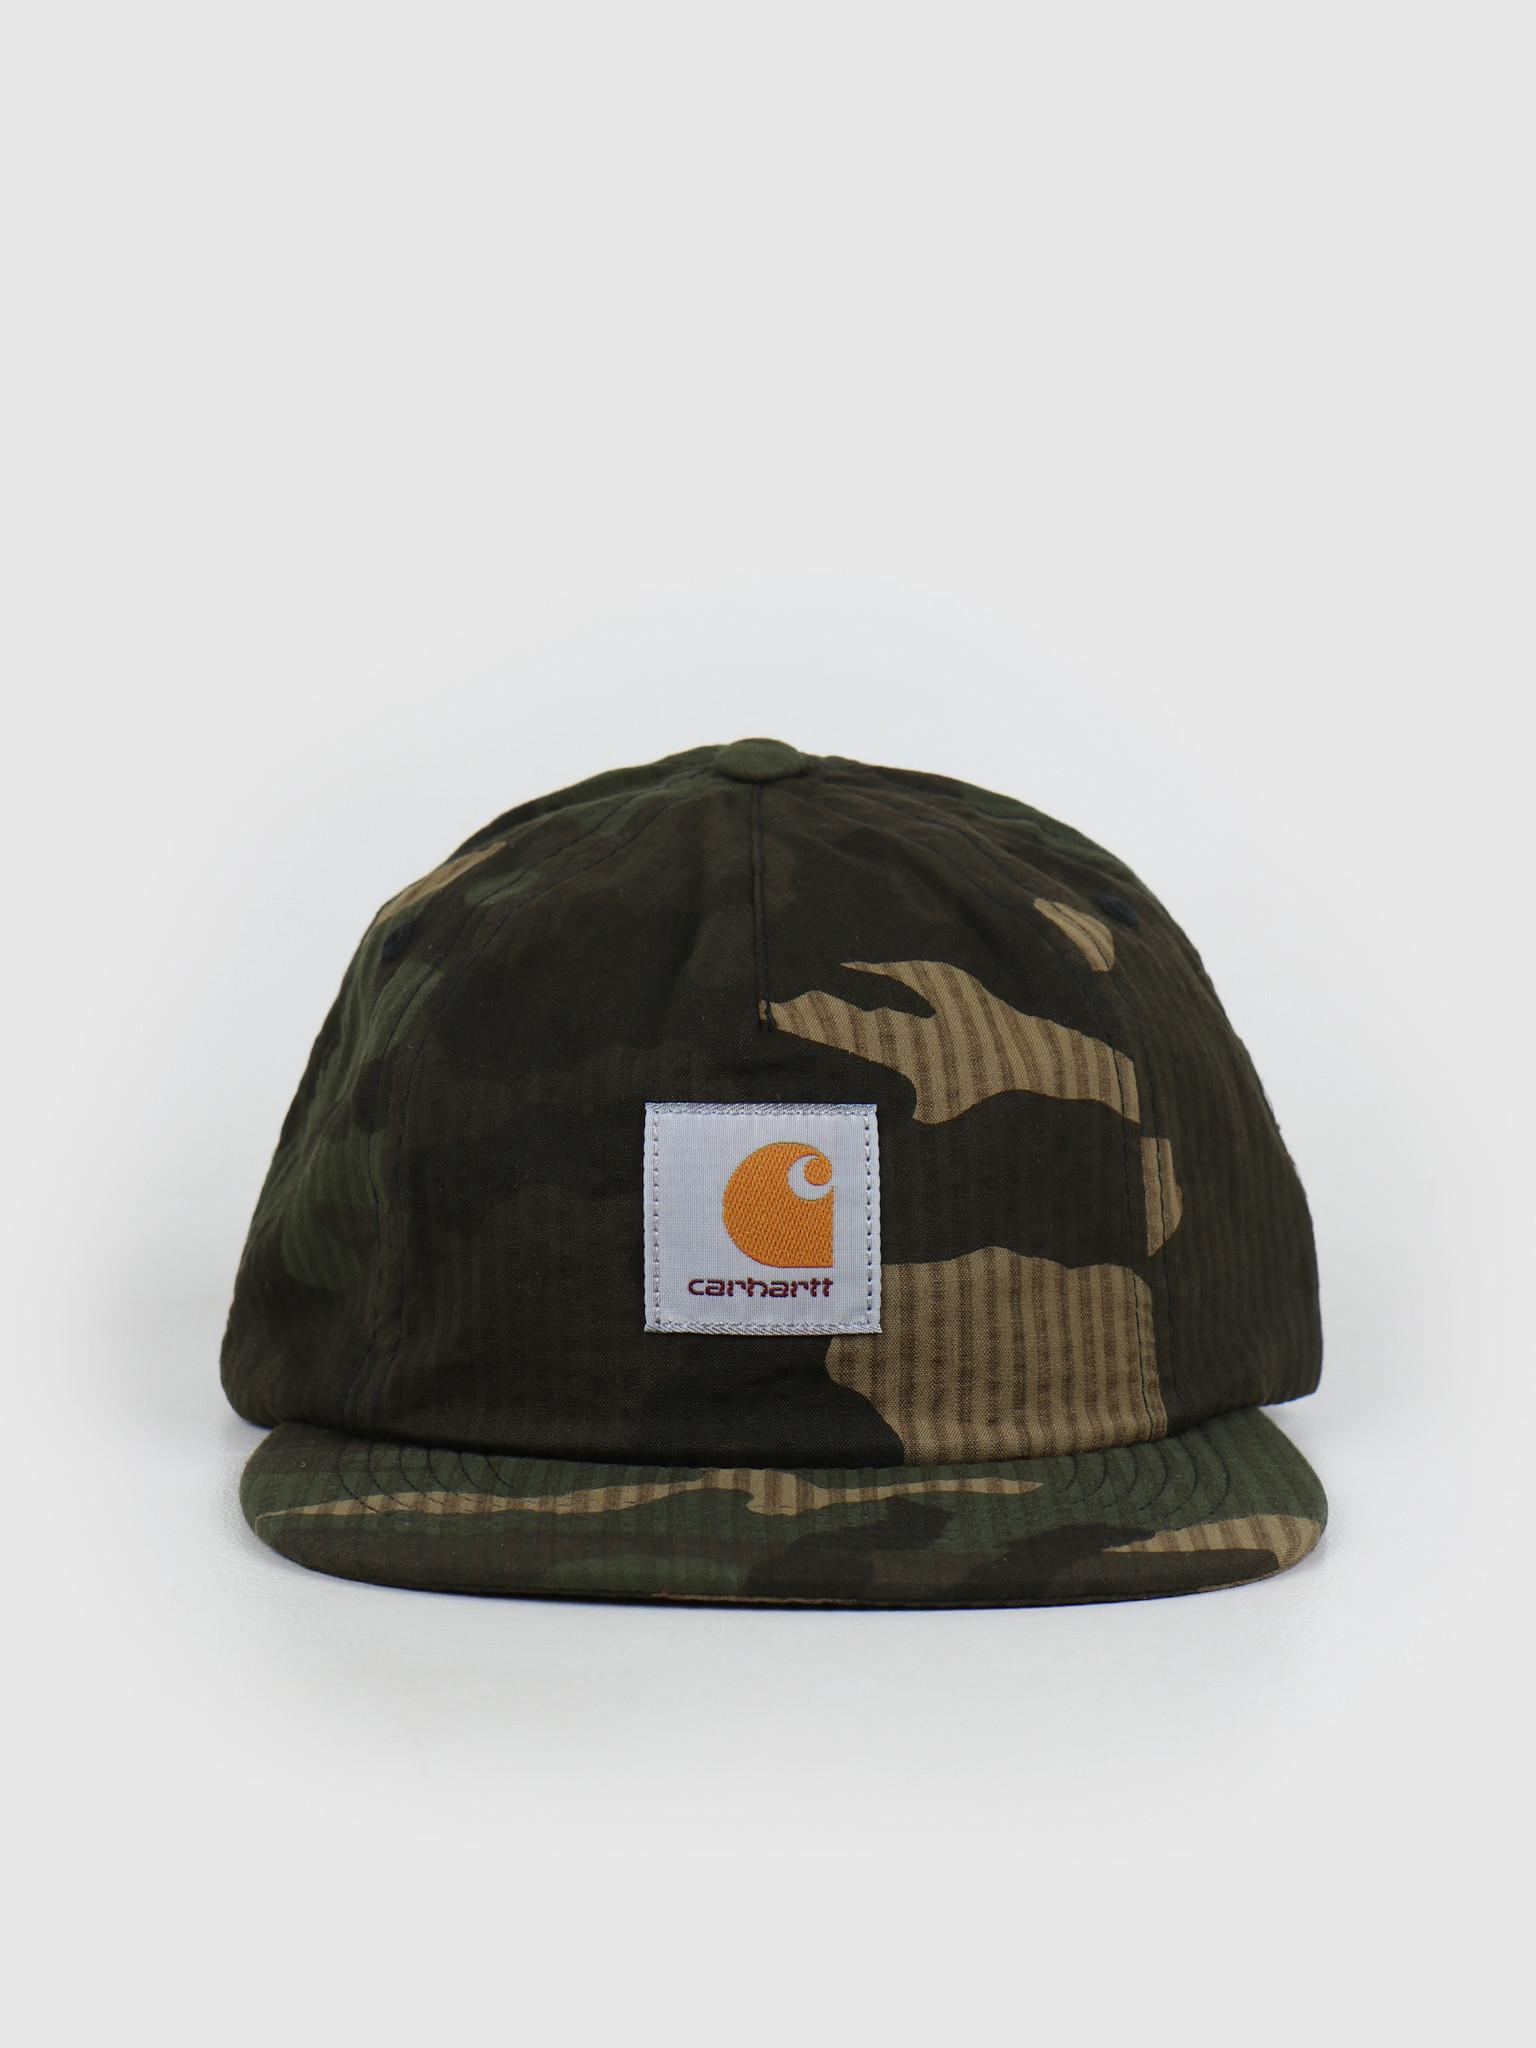 Carhartt WIP Carhartt WIP Southfield Cap Camo Laurel I027609-64000